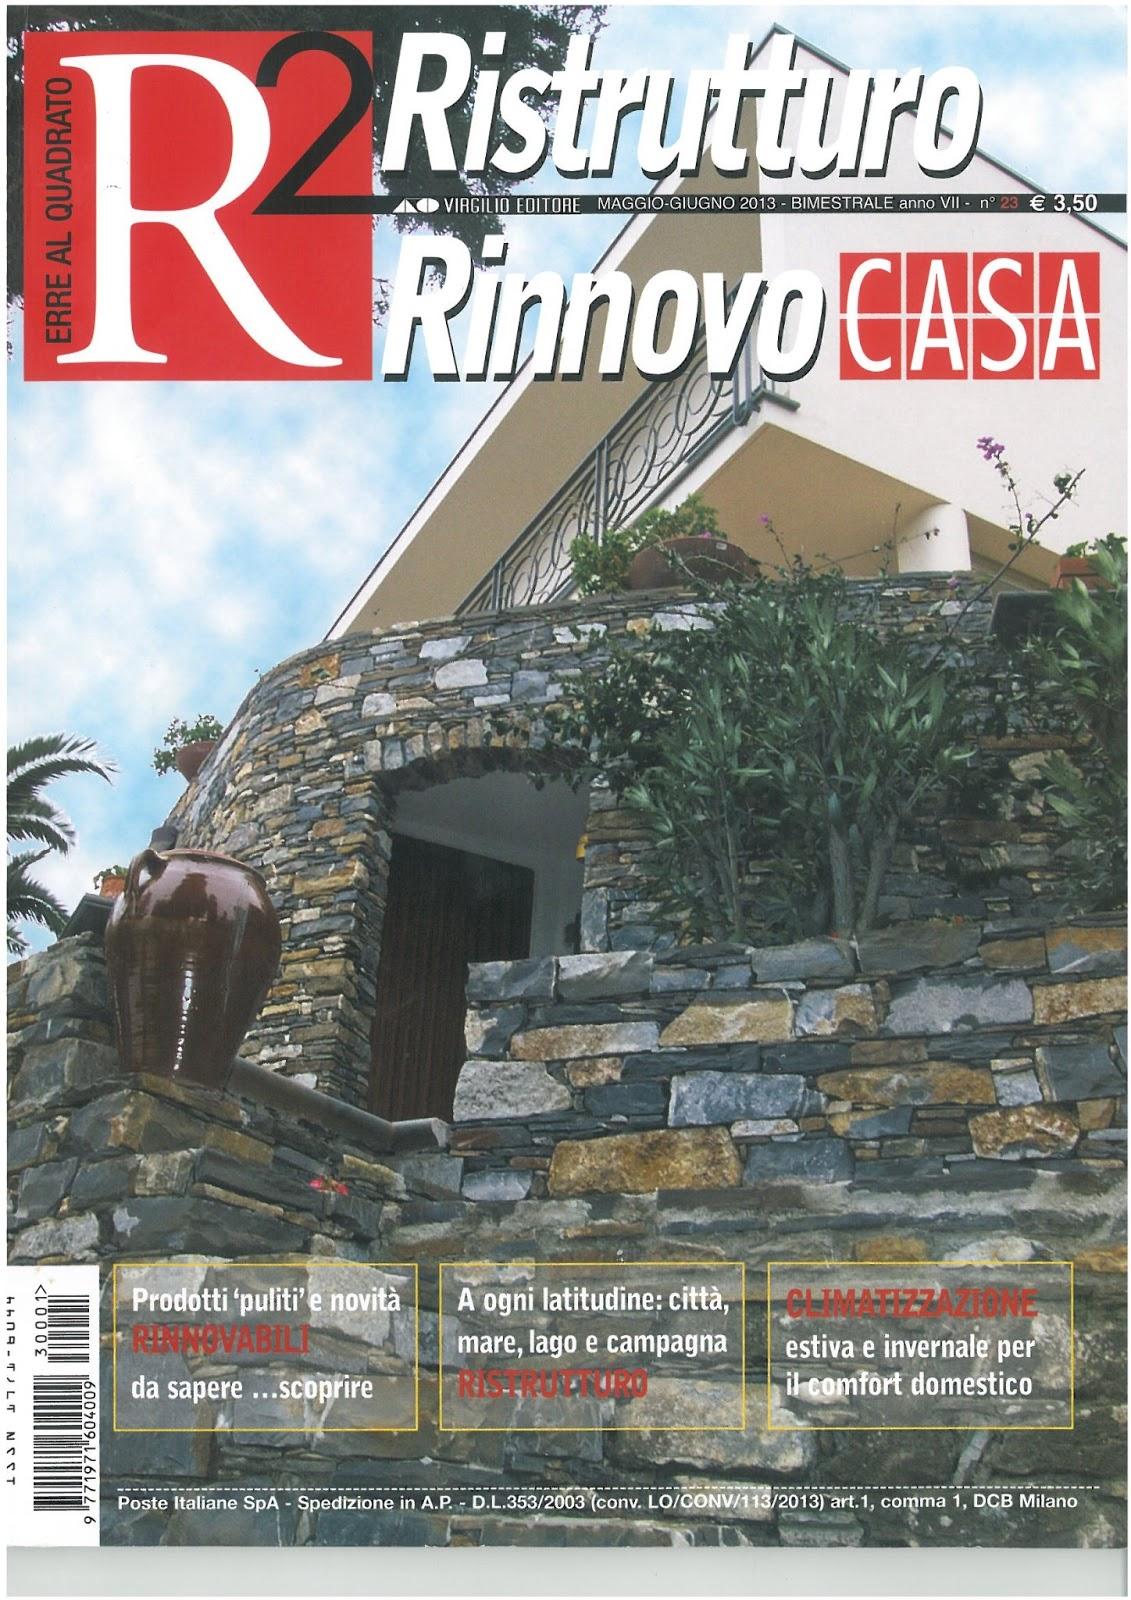 Casa milano italia ristrutturo rinnovo casa - Ristrutturo casa ...